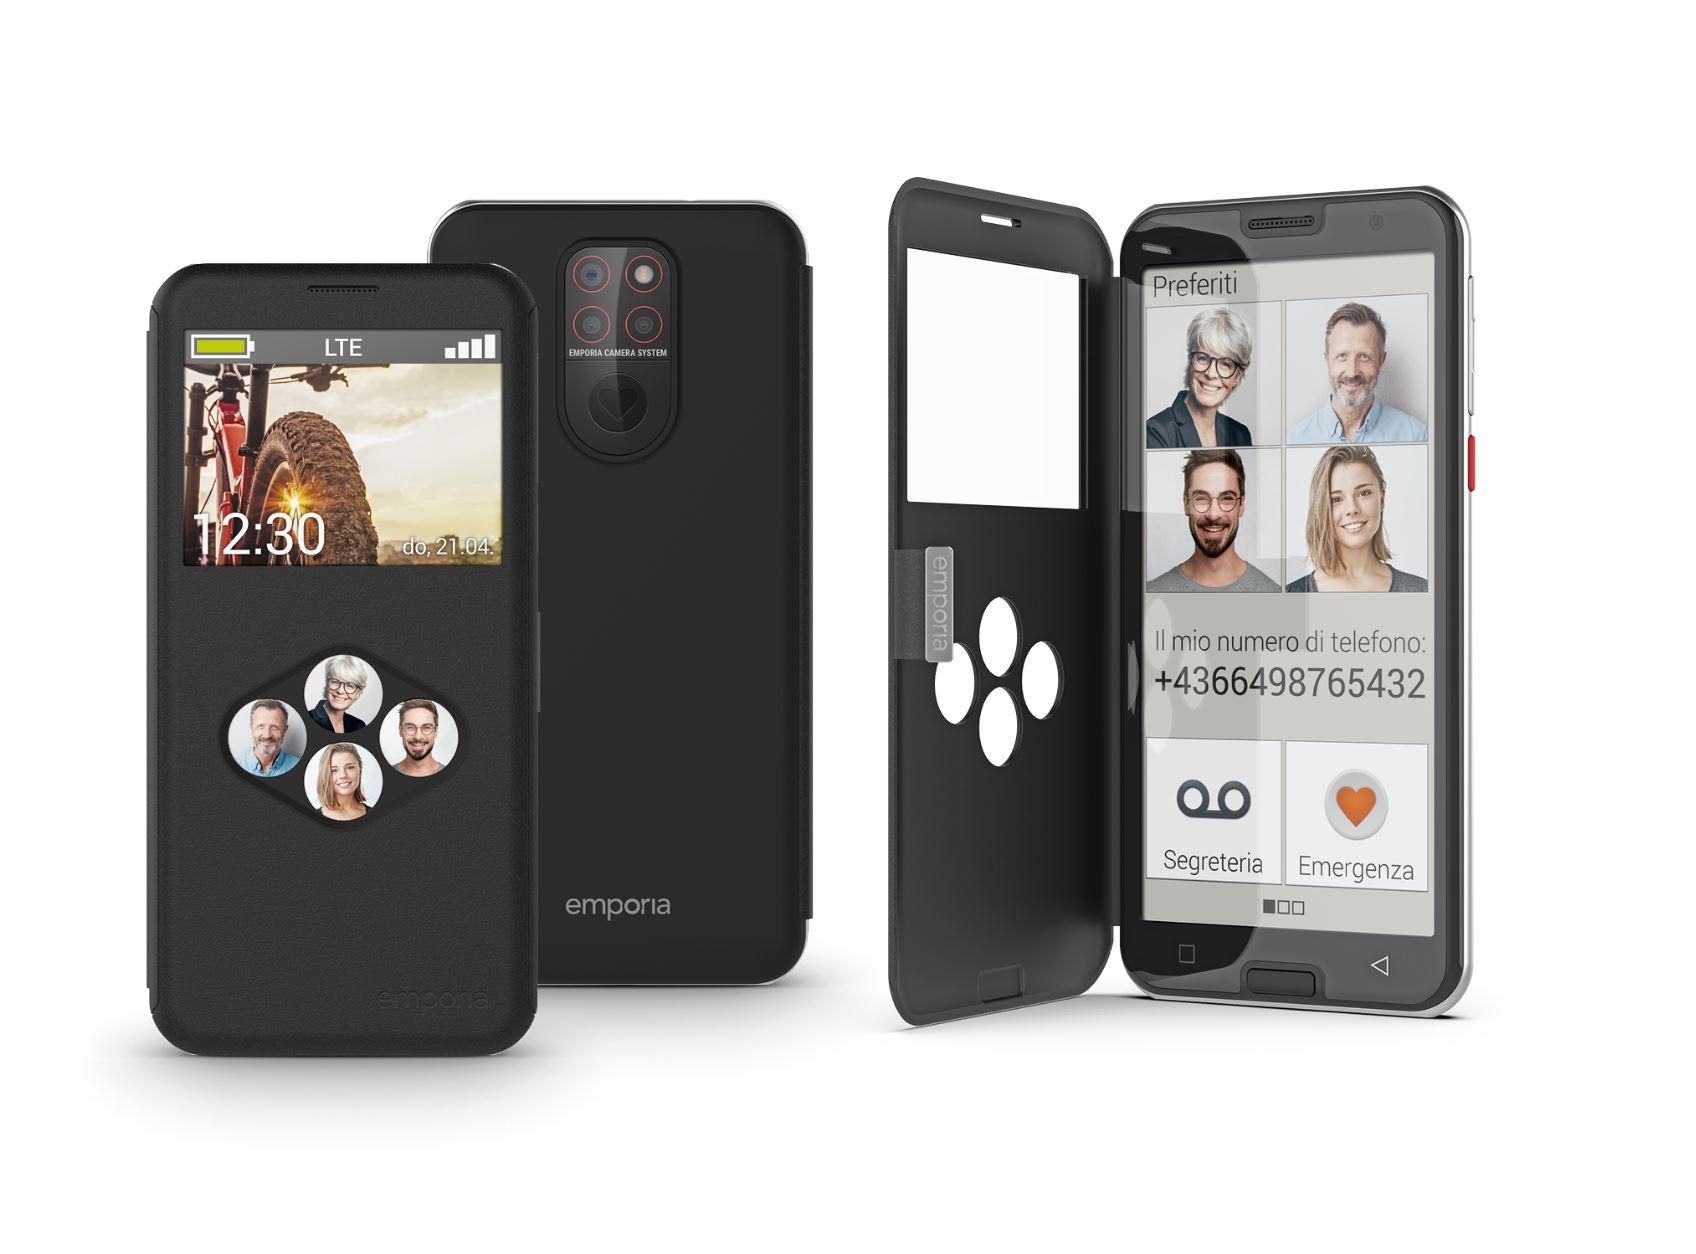 Il nuovo smartphone emporia per la generazione Senior